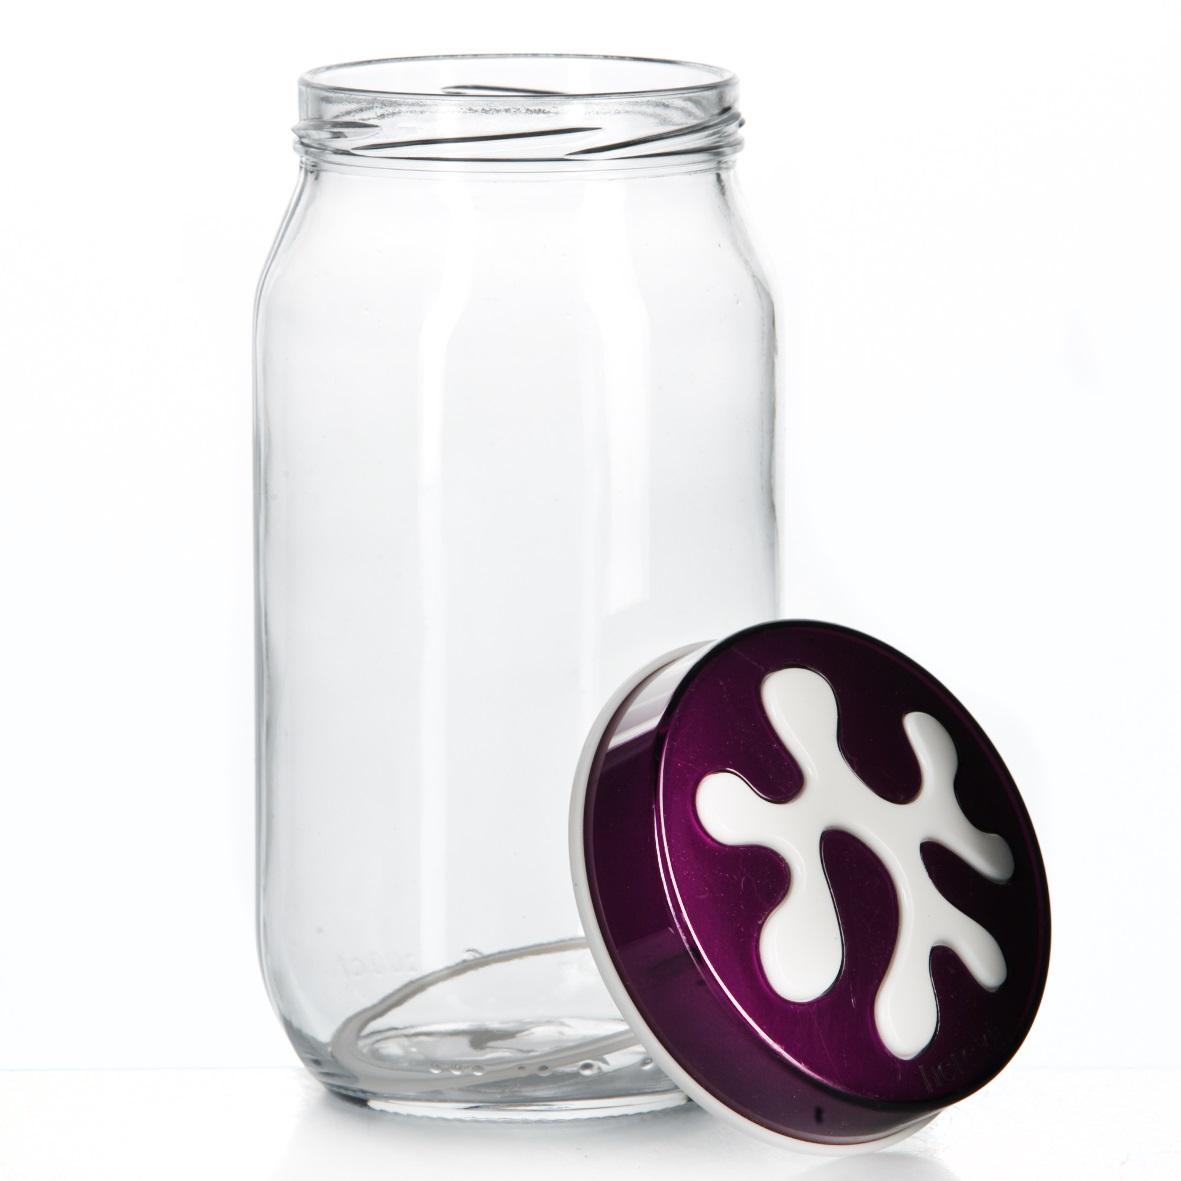 Банка для сыпучих продуктов Herevin, цвет: фиолетовый, 1 л. 135377-003135377-003Банка для сыпучих продуктов Herevin изготовлена из прочного стекла и оснащена плотно закрывающейся пластиковой крышкой. Благодаря этому внутри сохраняется герметичность, и продукты дольше остаются свежими. Изделие предназначено для хранения различных сыпучих продуктов: круп, чая, сахара, орехов и т.д. Функциональная и вместительная, такая банка станет незаменимым аксессуаром на любой кухне. Можно мыть в посудомоечной машине. Пластиковые части рекомендуется мыть вручную.Объем: 1 л.Диаметр (по верхнему краю): 7,5 см.Высота банки (без учета крышки): 18 см.